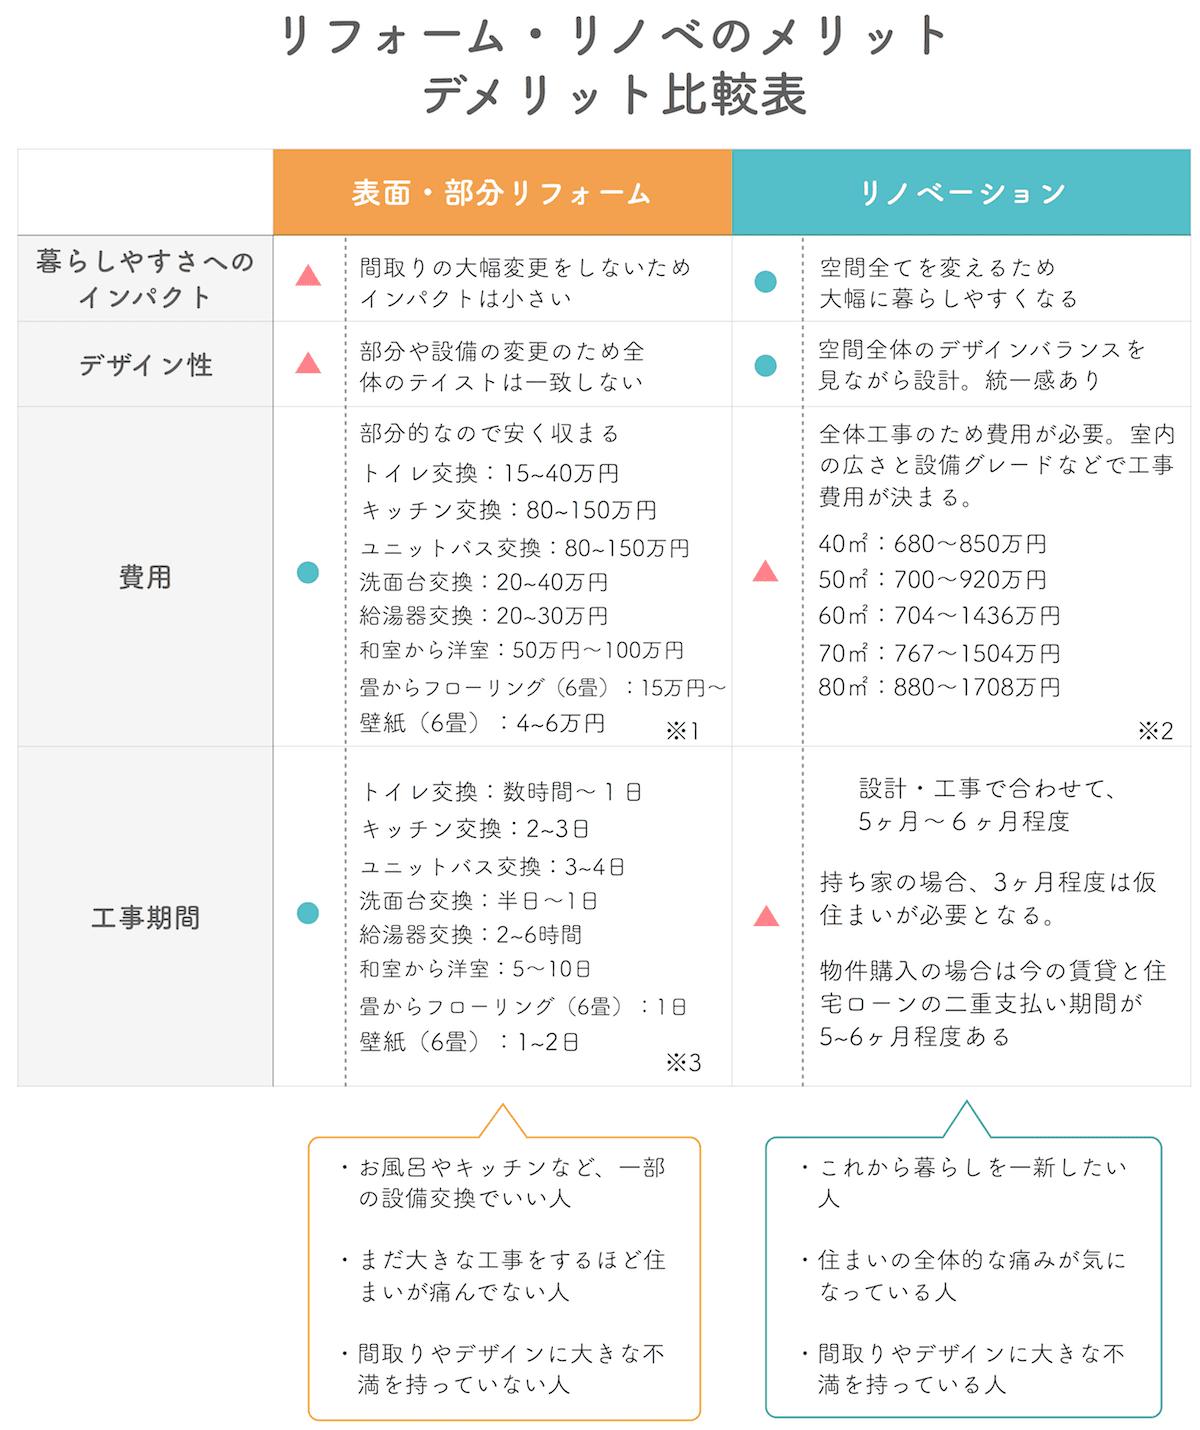 リフォームとリノベーションのメリットデメリット比較表